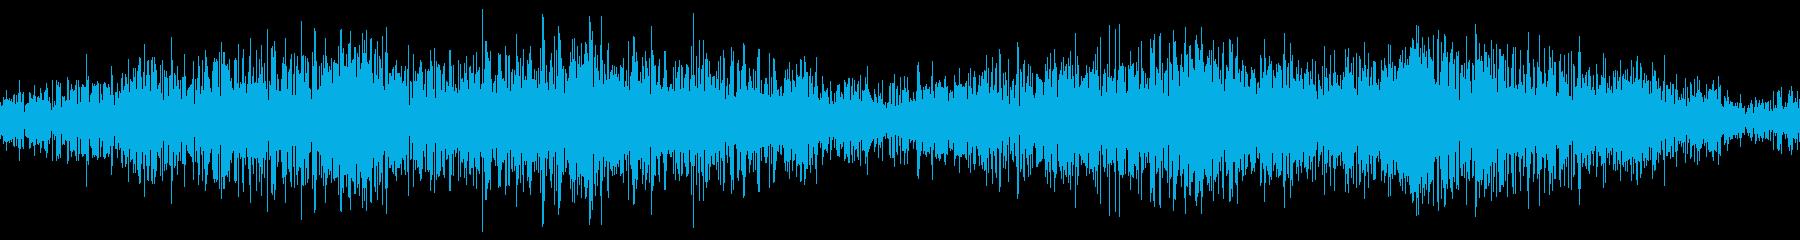 無限ループする地響き(左右揺れ)【改】の再生済みの波形